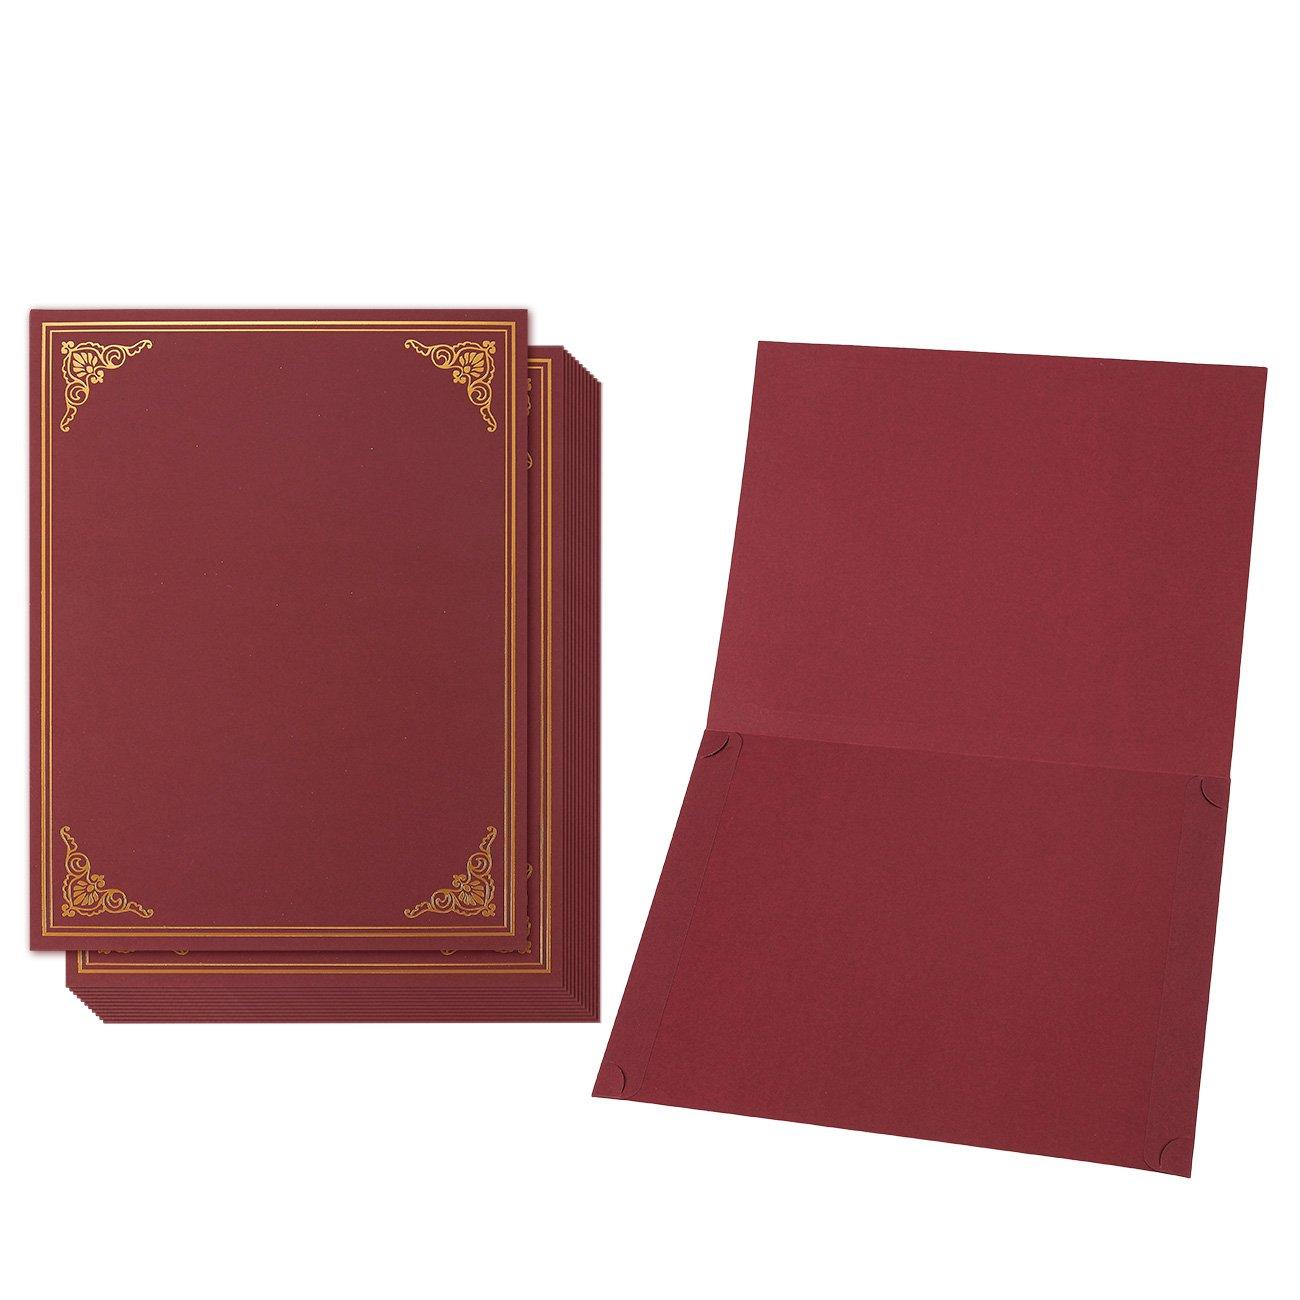 12-pack certificate Holder–diploma di documento, copertura per letter-sized Award certificati, rosso, oro, 28,4x 22,4cm Juvale